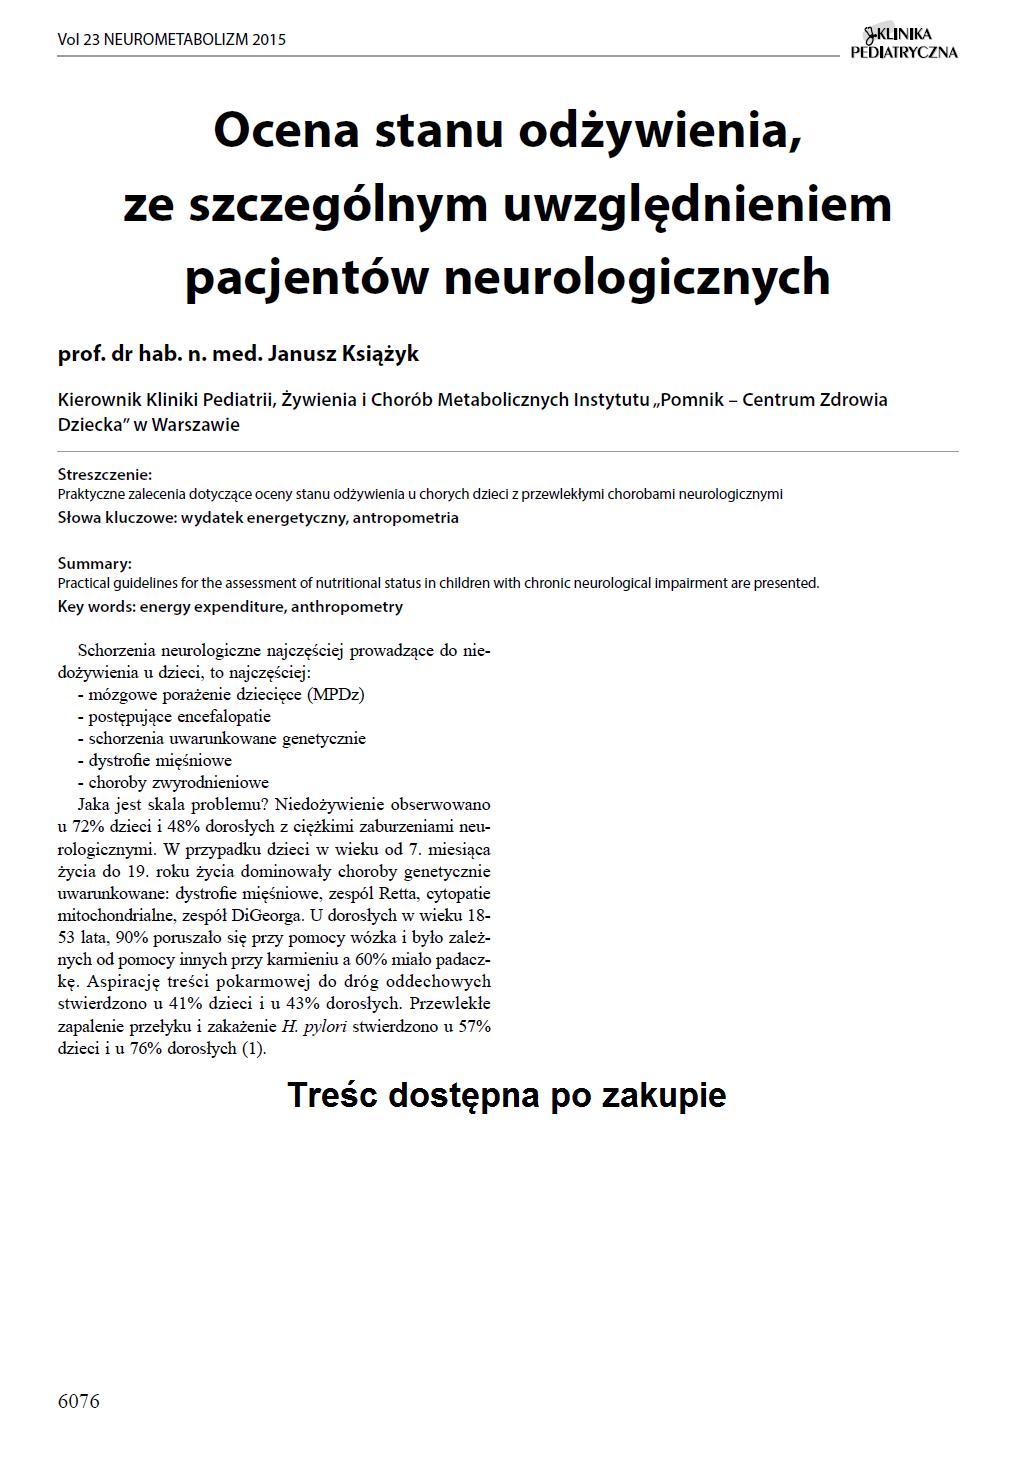 KP 2015-Neurometabolizm: Ocena stanu odżywienia, ze szczególnym uwzględnieniem pacjentów neurologicznych